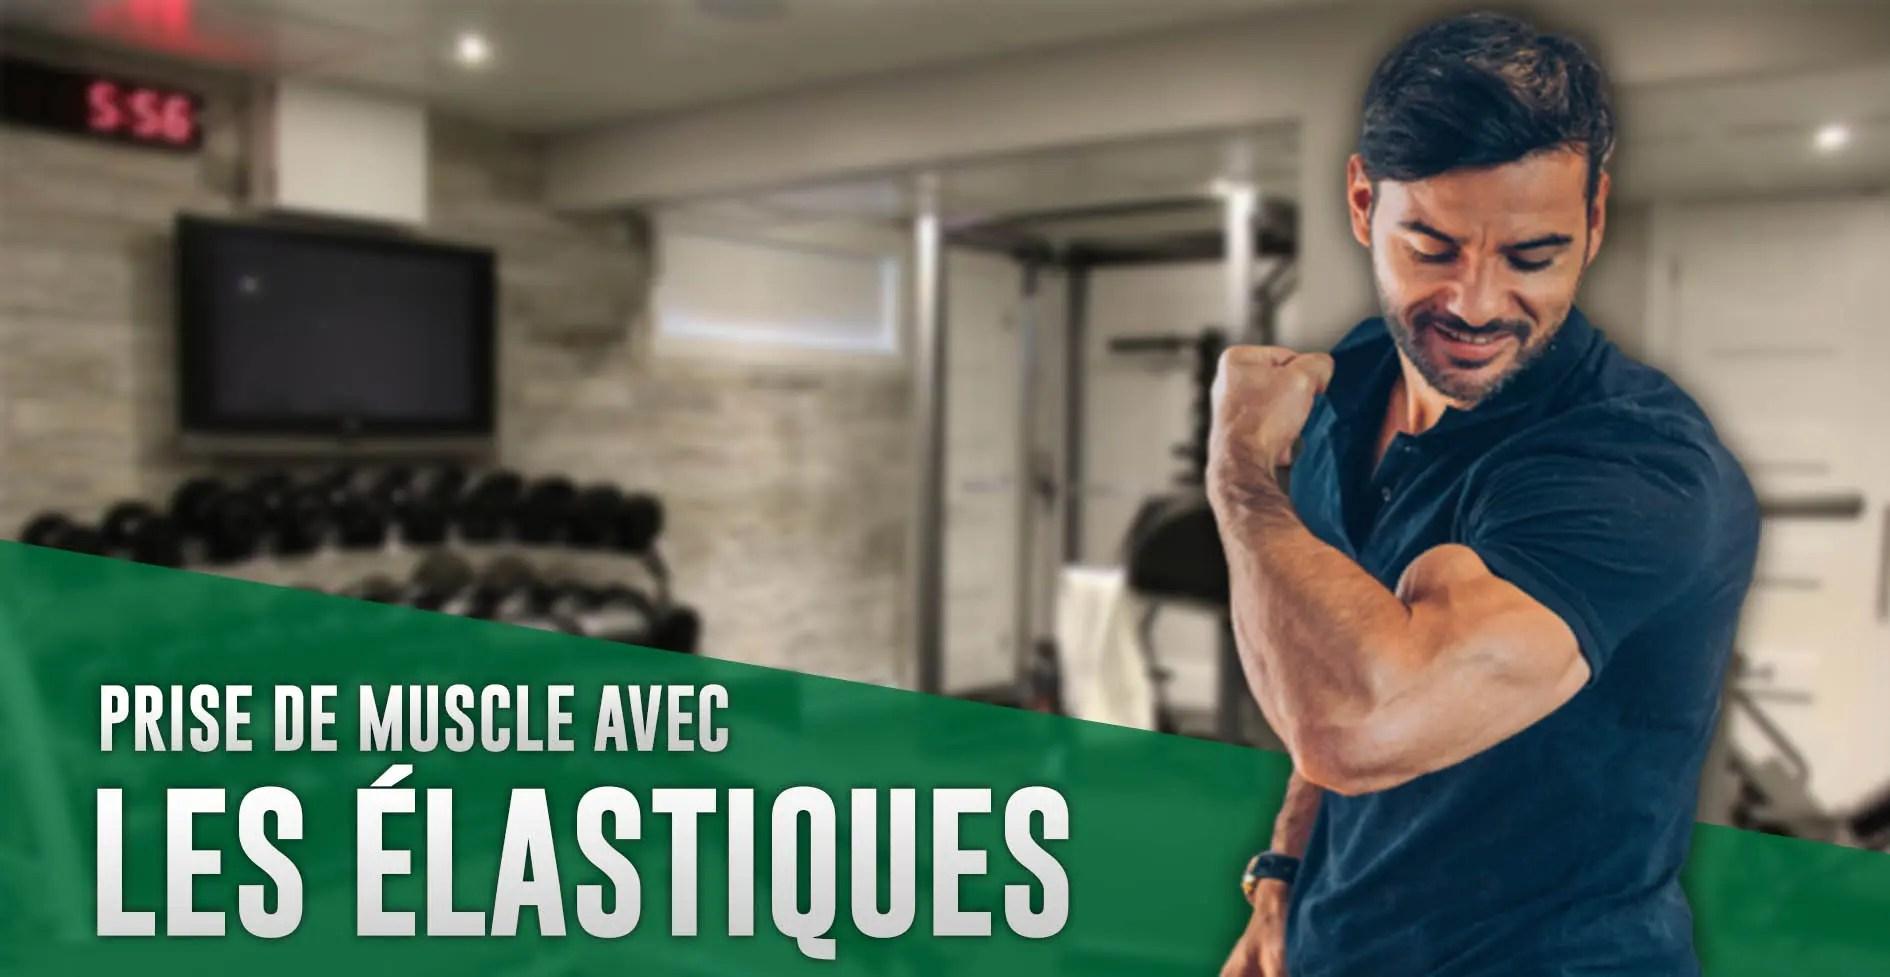 Musculation : des élastiques pour booster la prise de muscle ?